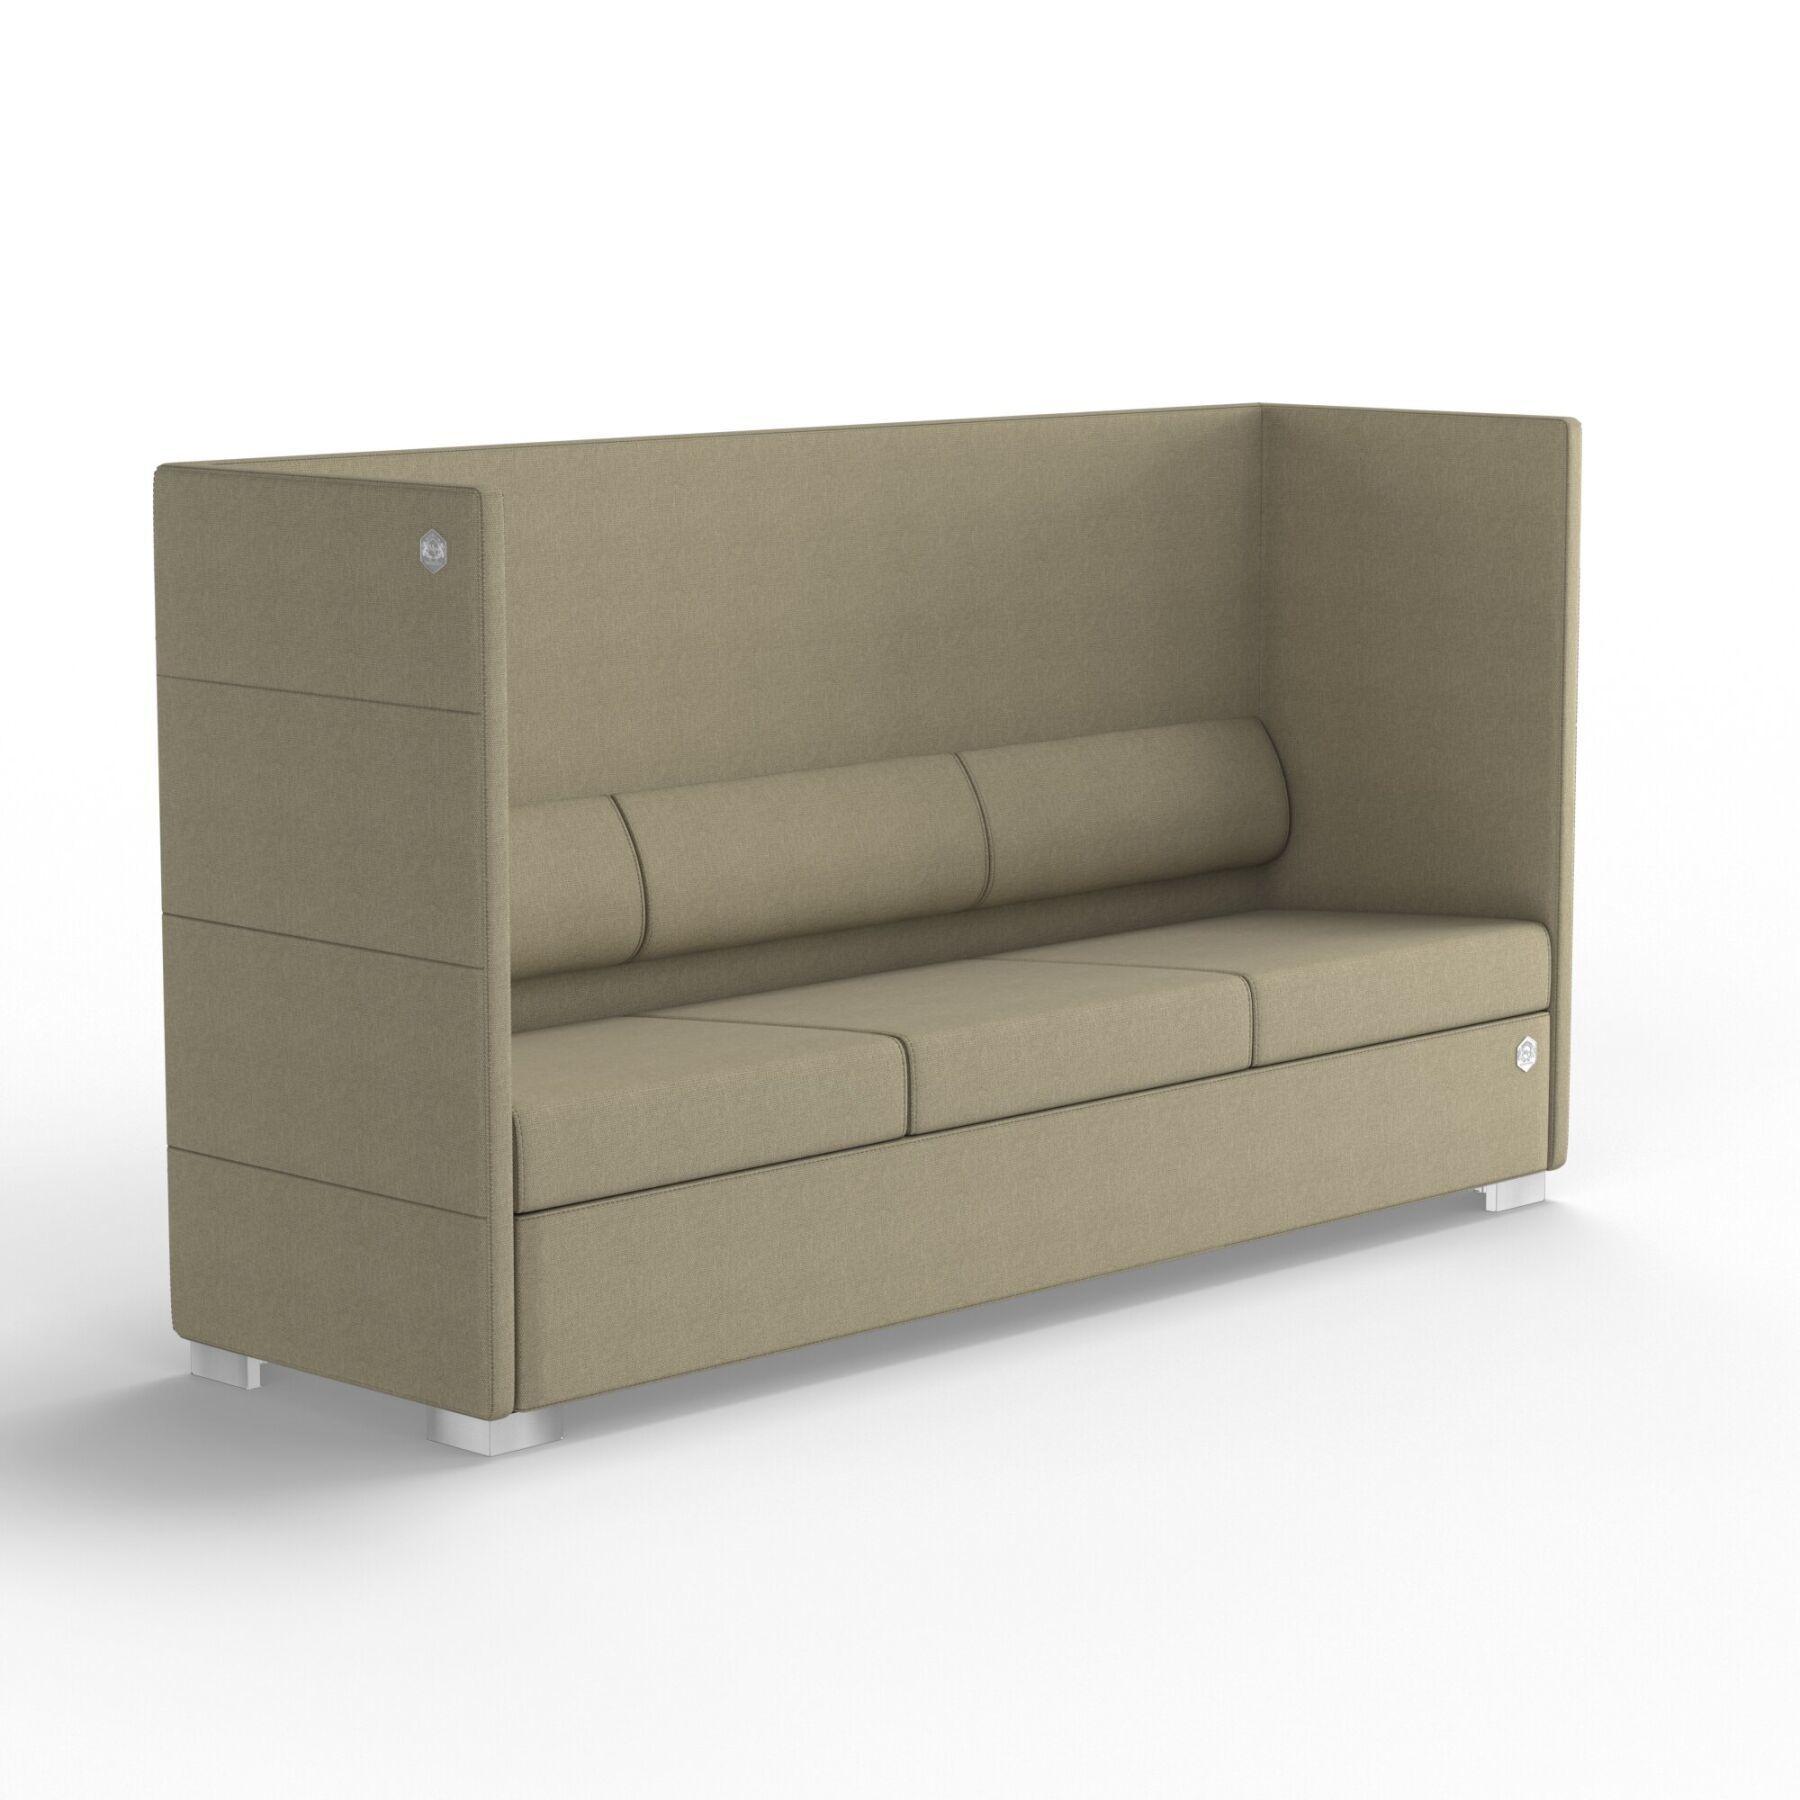 Трехместный диван KULIK SYSTEM PRIVATE Ткань 3